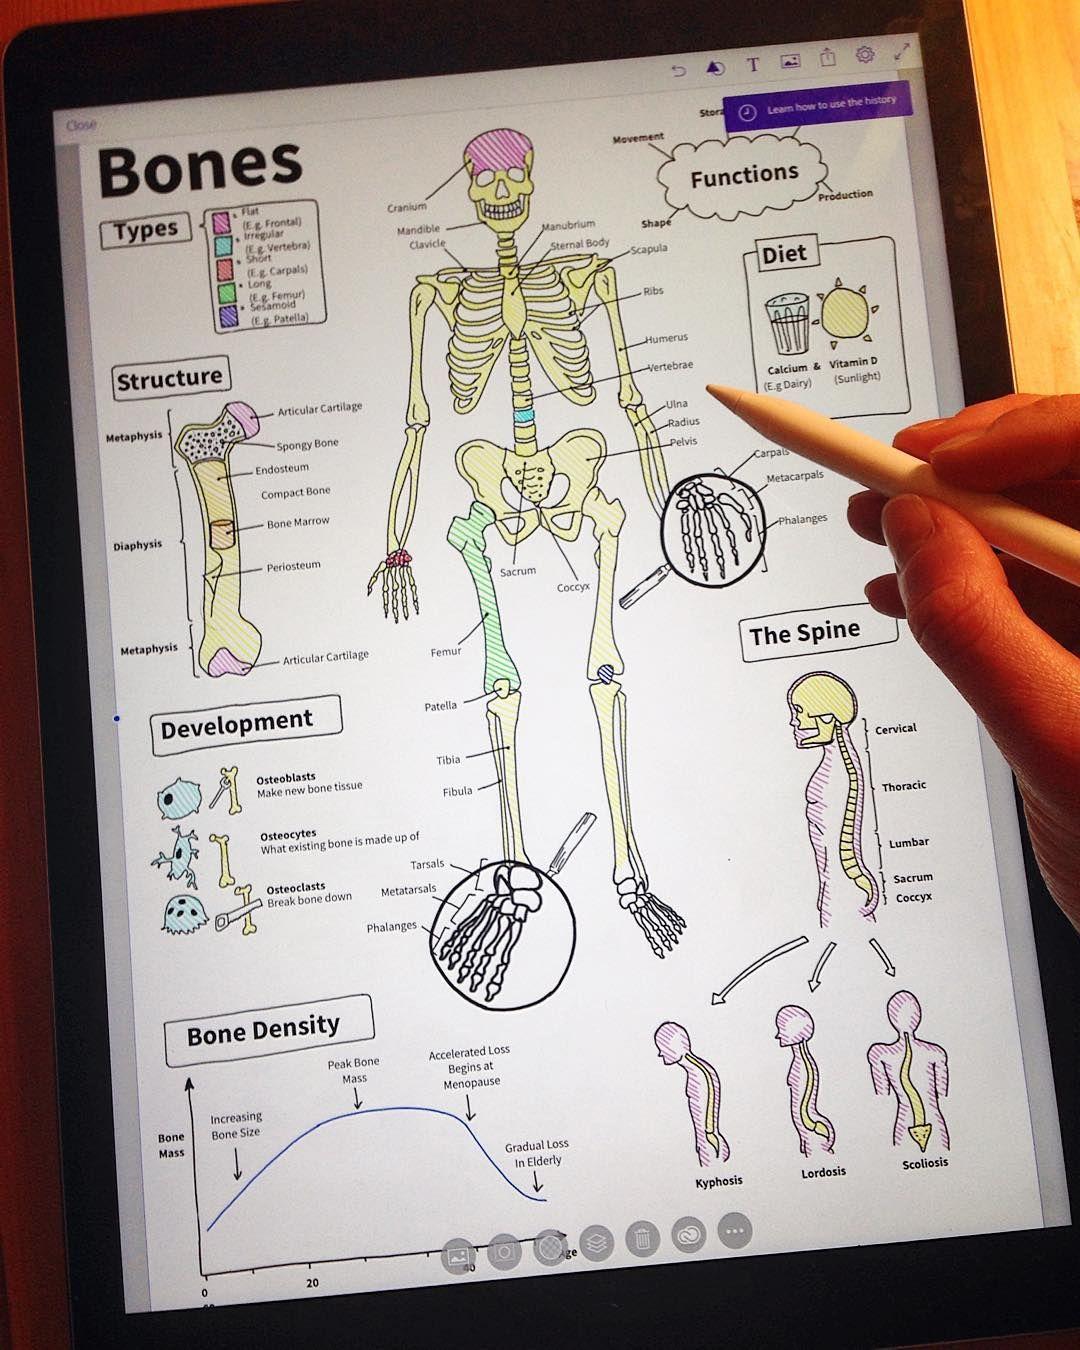 Pin de Schuylar en Medicine | Pinterest | Anatomía humana, Anatomía ...